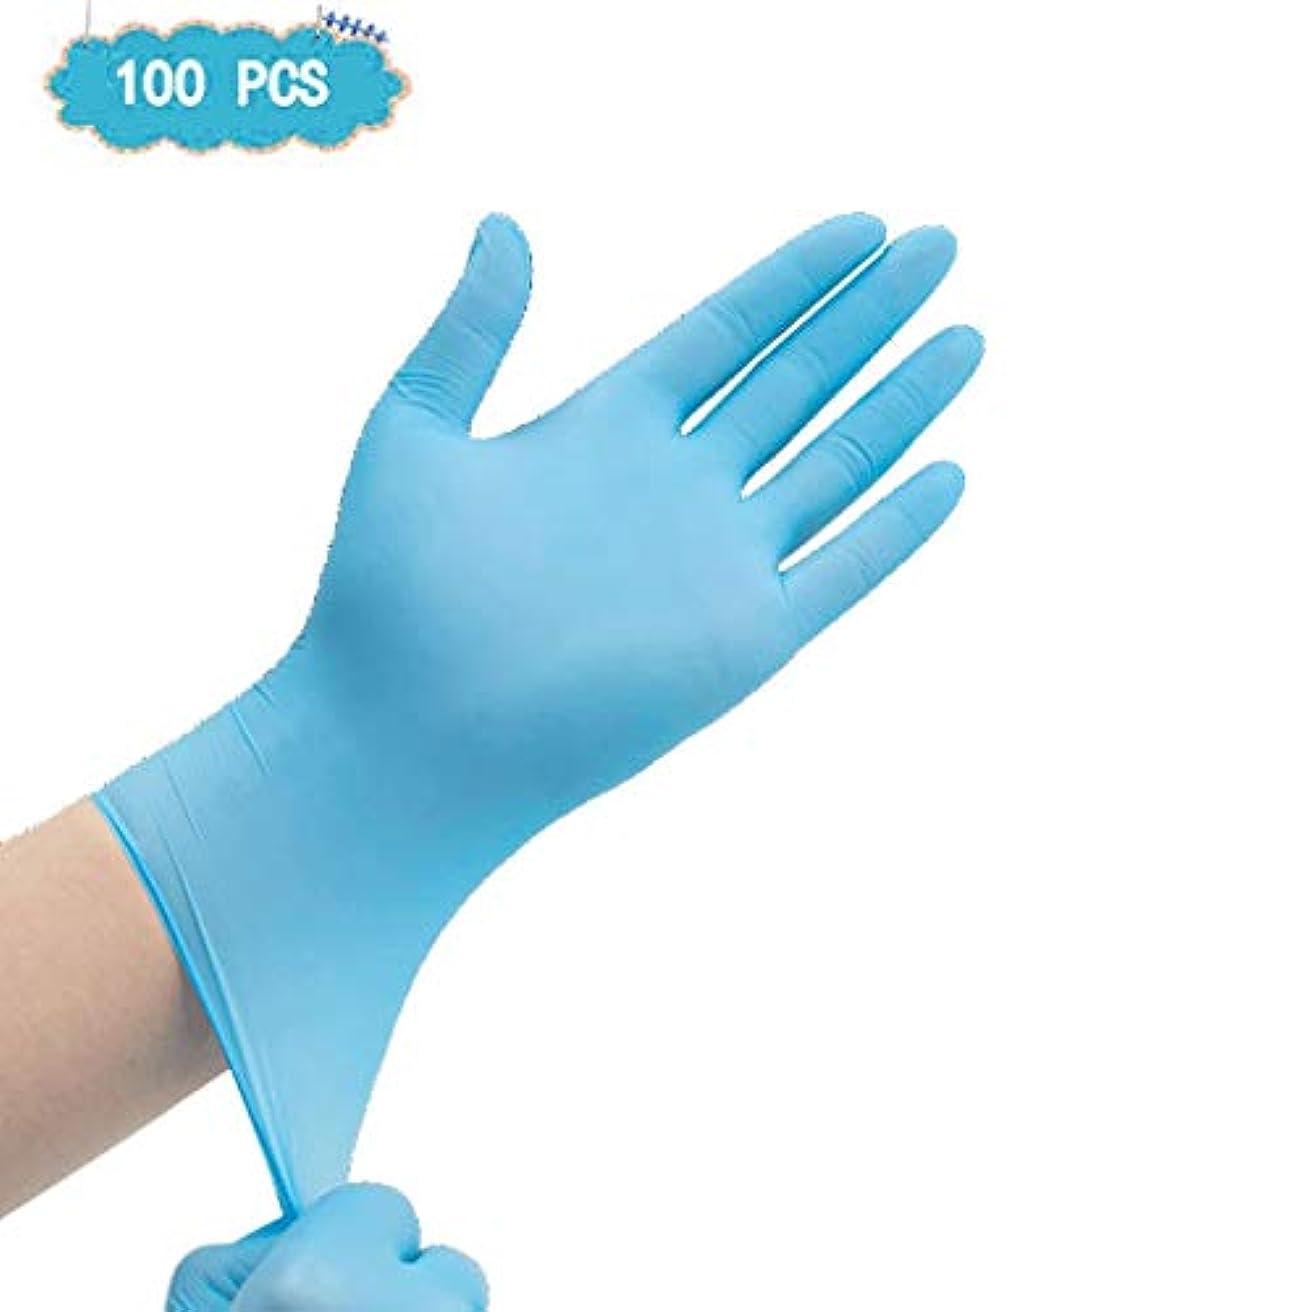 花輪役員してはいけませんニトリル手袋、青酸およびアルカリ家庭用加工食品使い捨て手袋ペットケアネイルアート検査保護実験、ビューティーサロンラテックスフリー、、 100個 (Size : L)